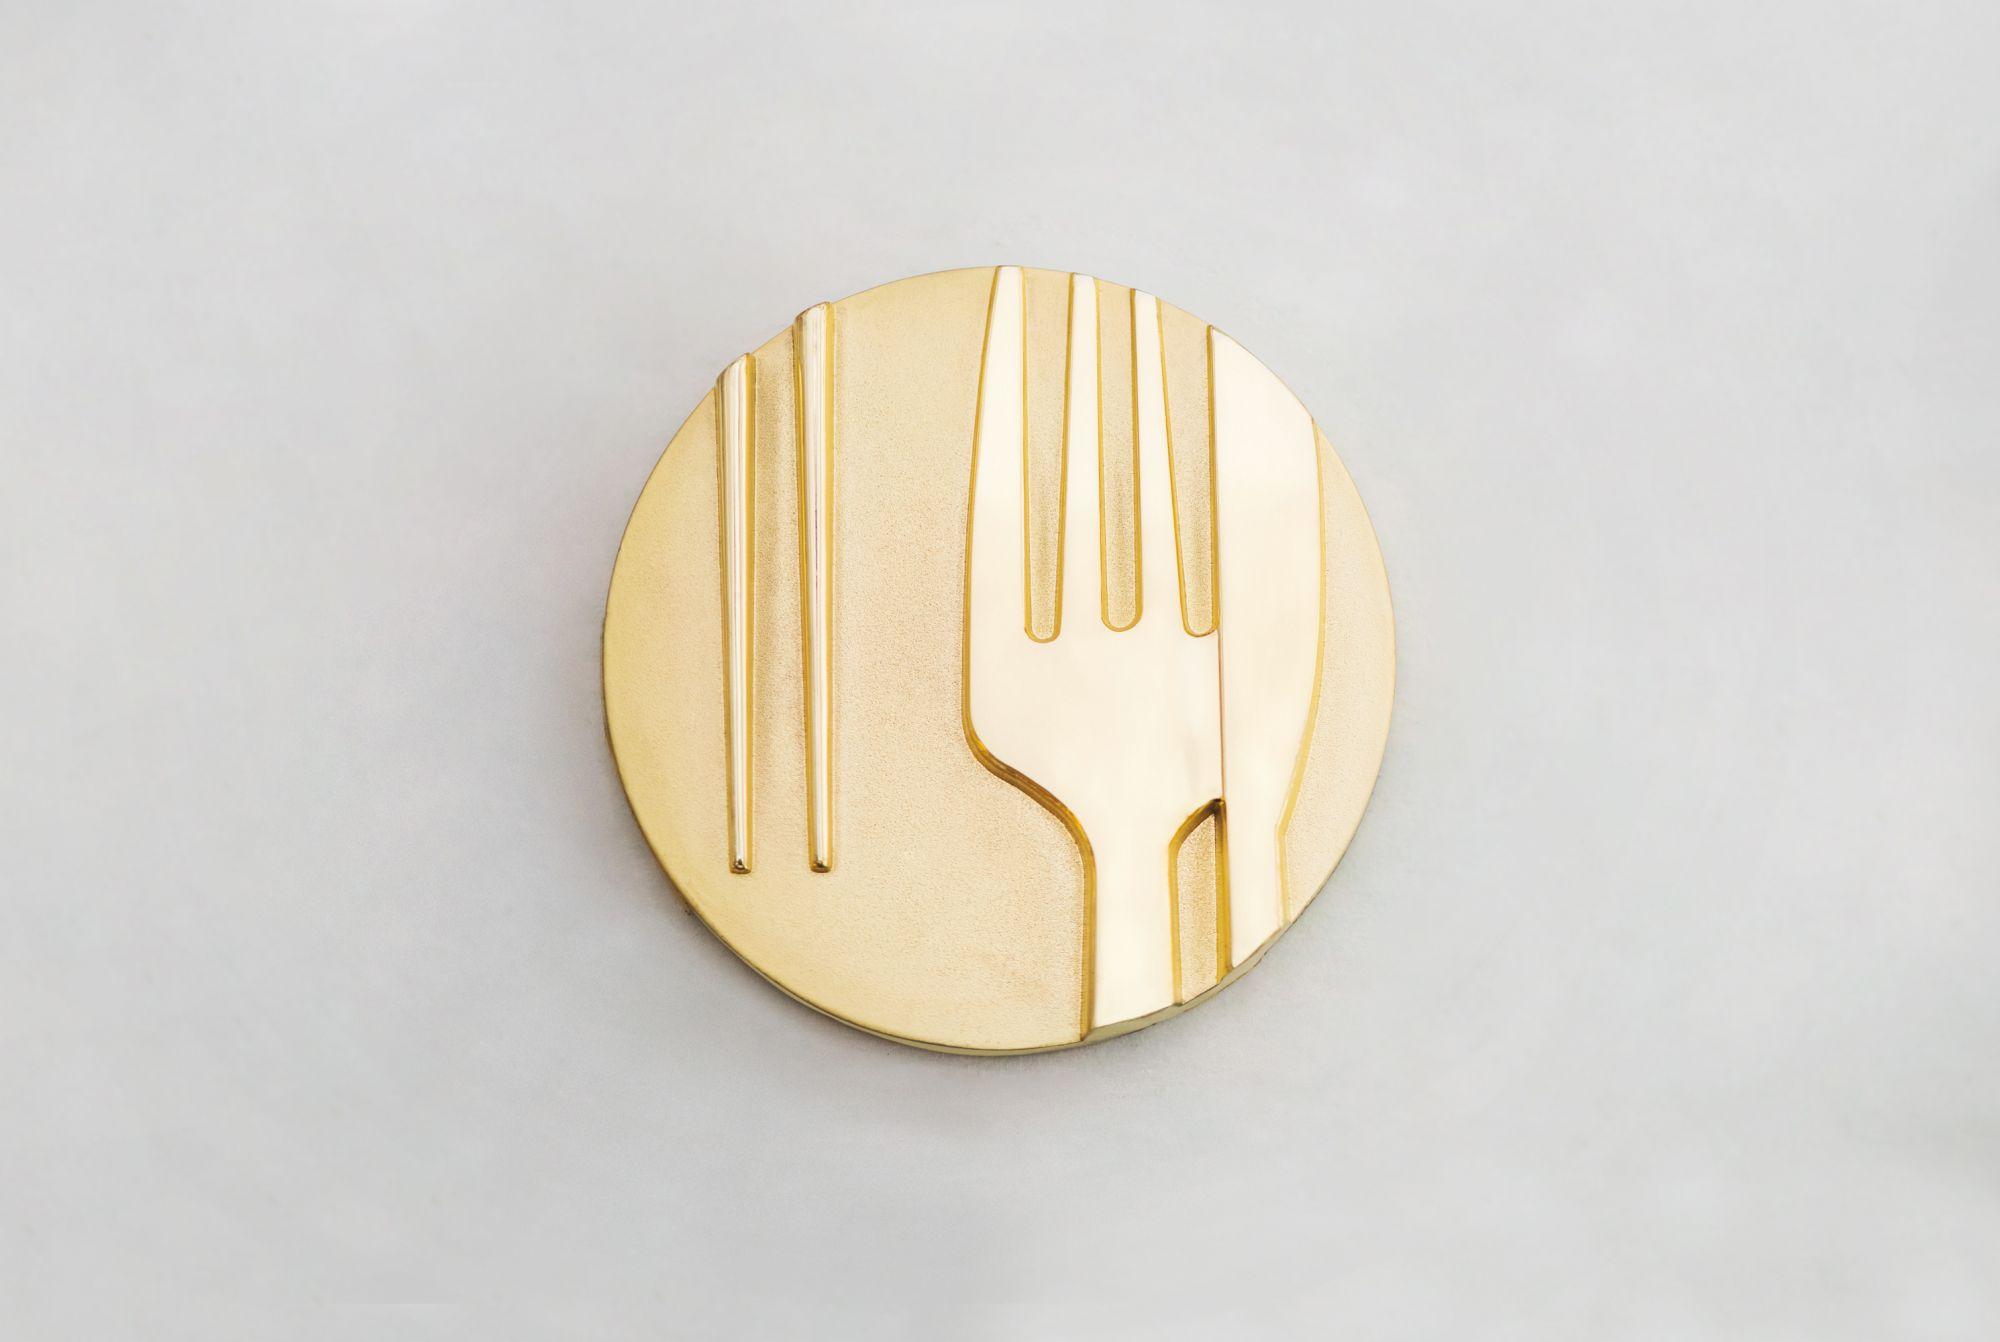 Hong Kong Tatler Best Restaurant Award Recipients 2013-2019